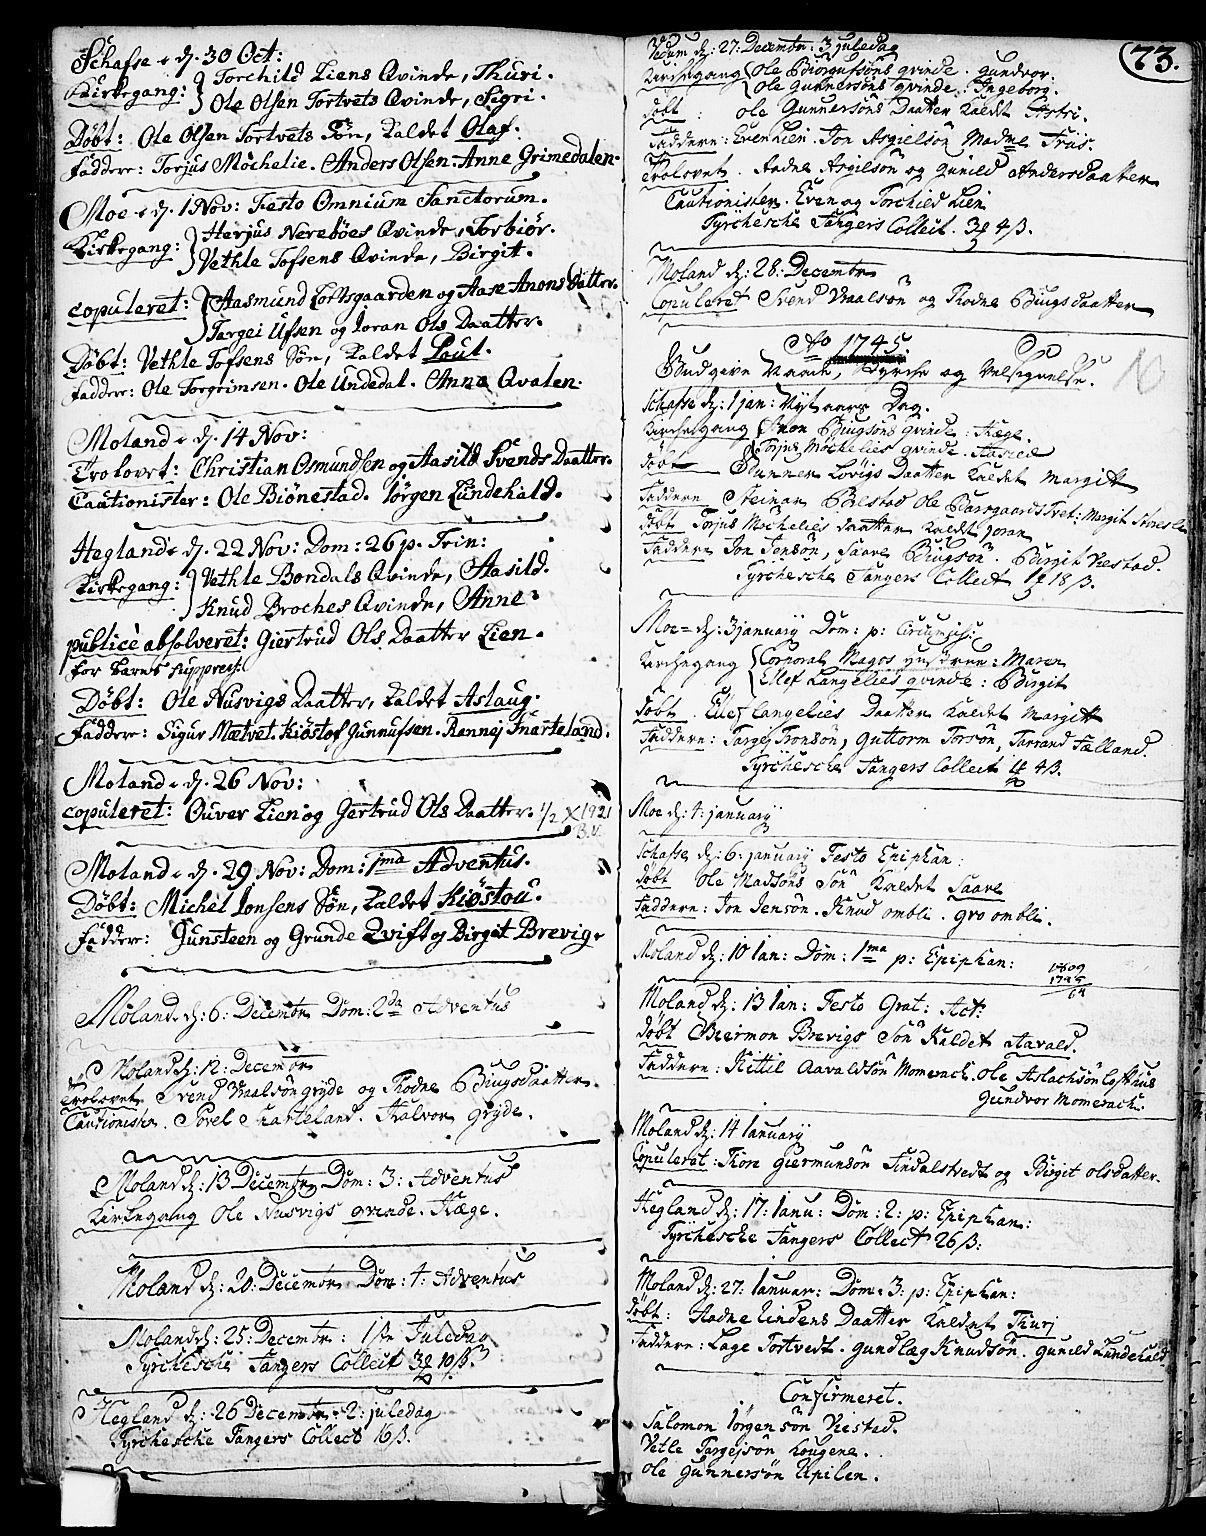 SAKO, Fyresdal kirkebøker, F/Fa/L0001: Ministerialbok nr. I 1, 1724-1748, s. 73